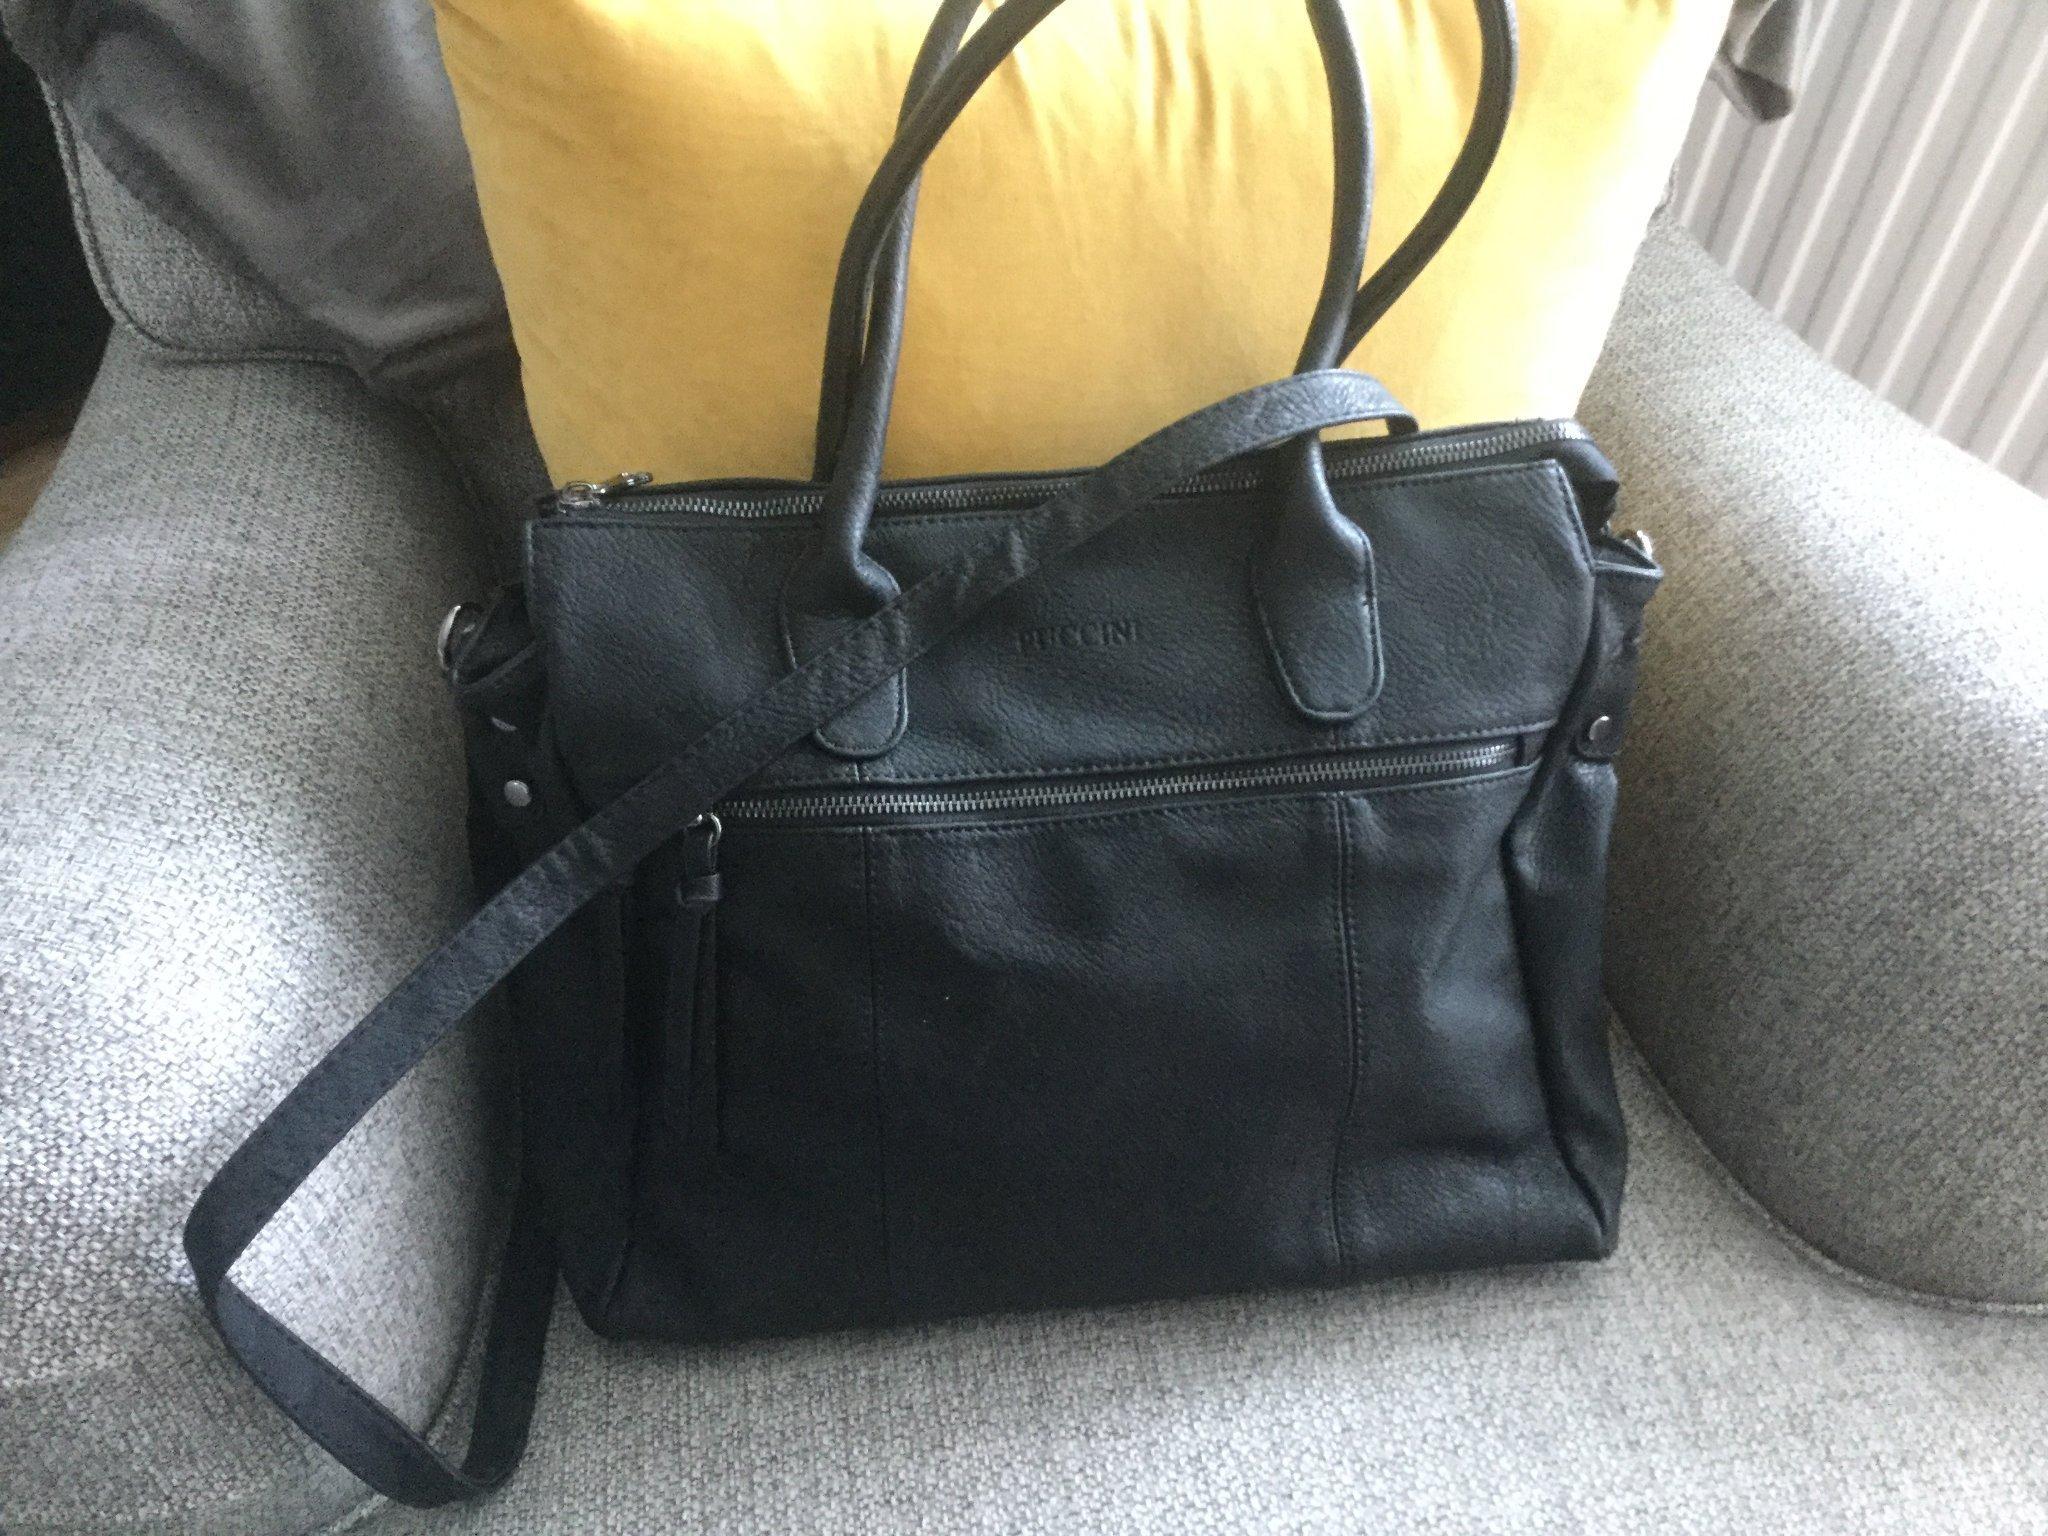 Puccini väska, svart, nyskick!